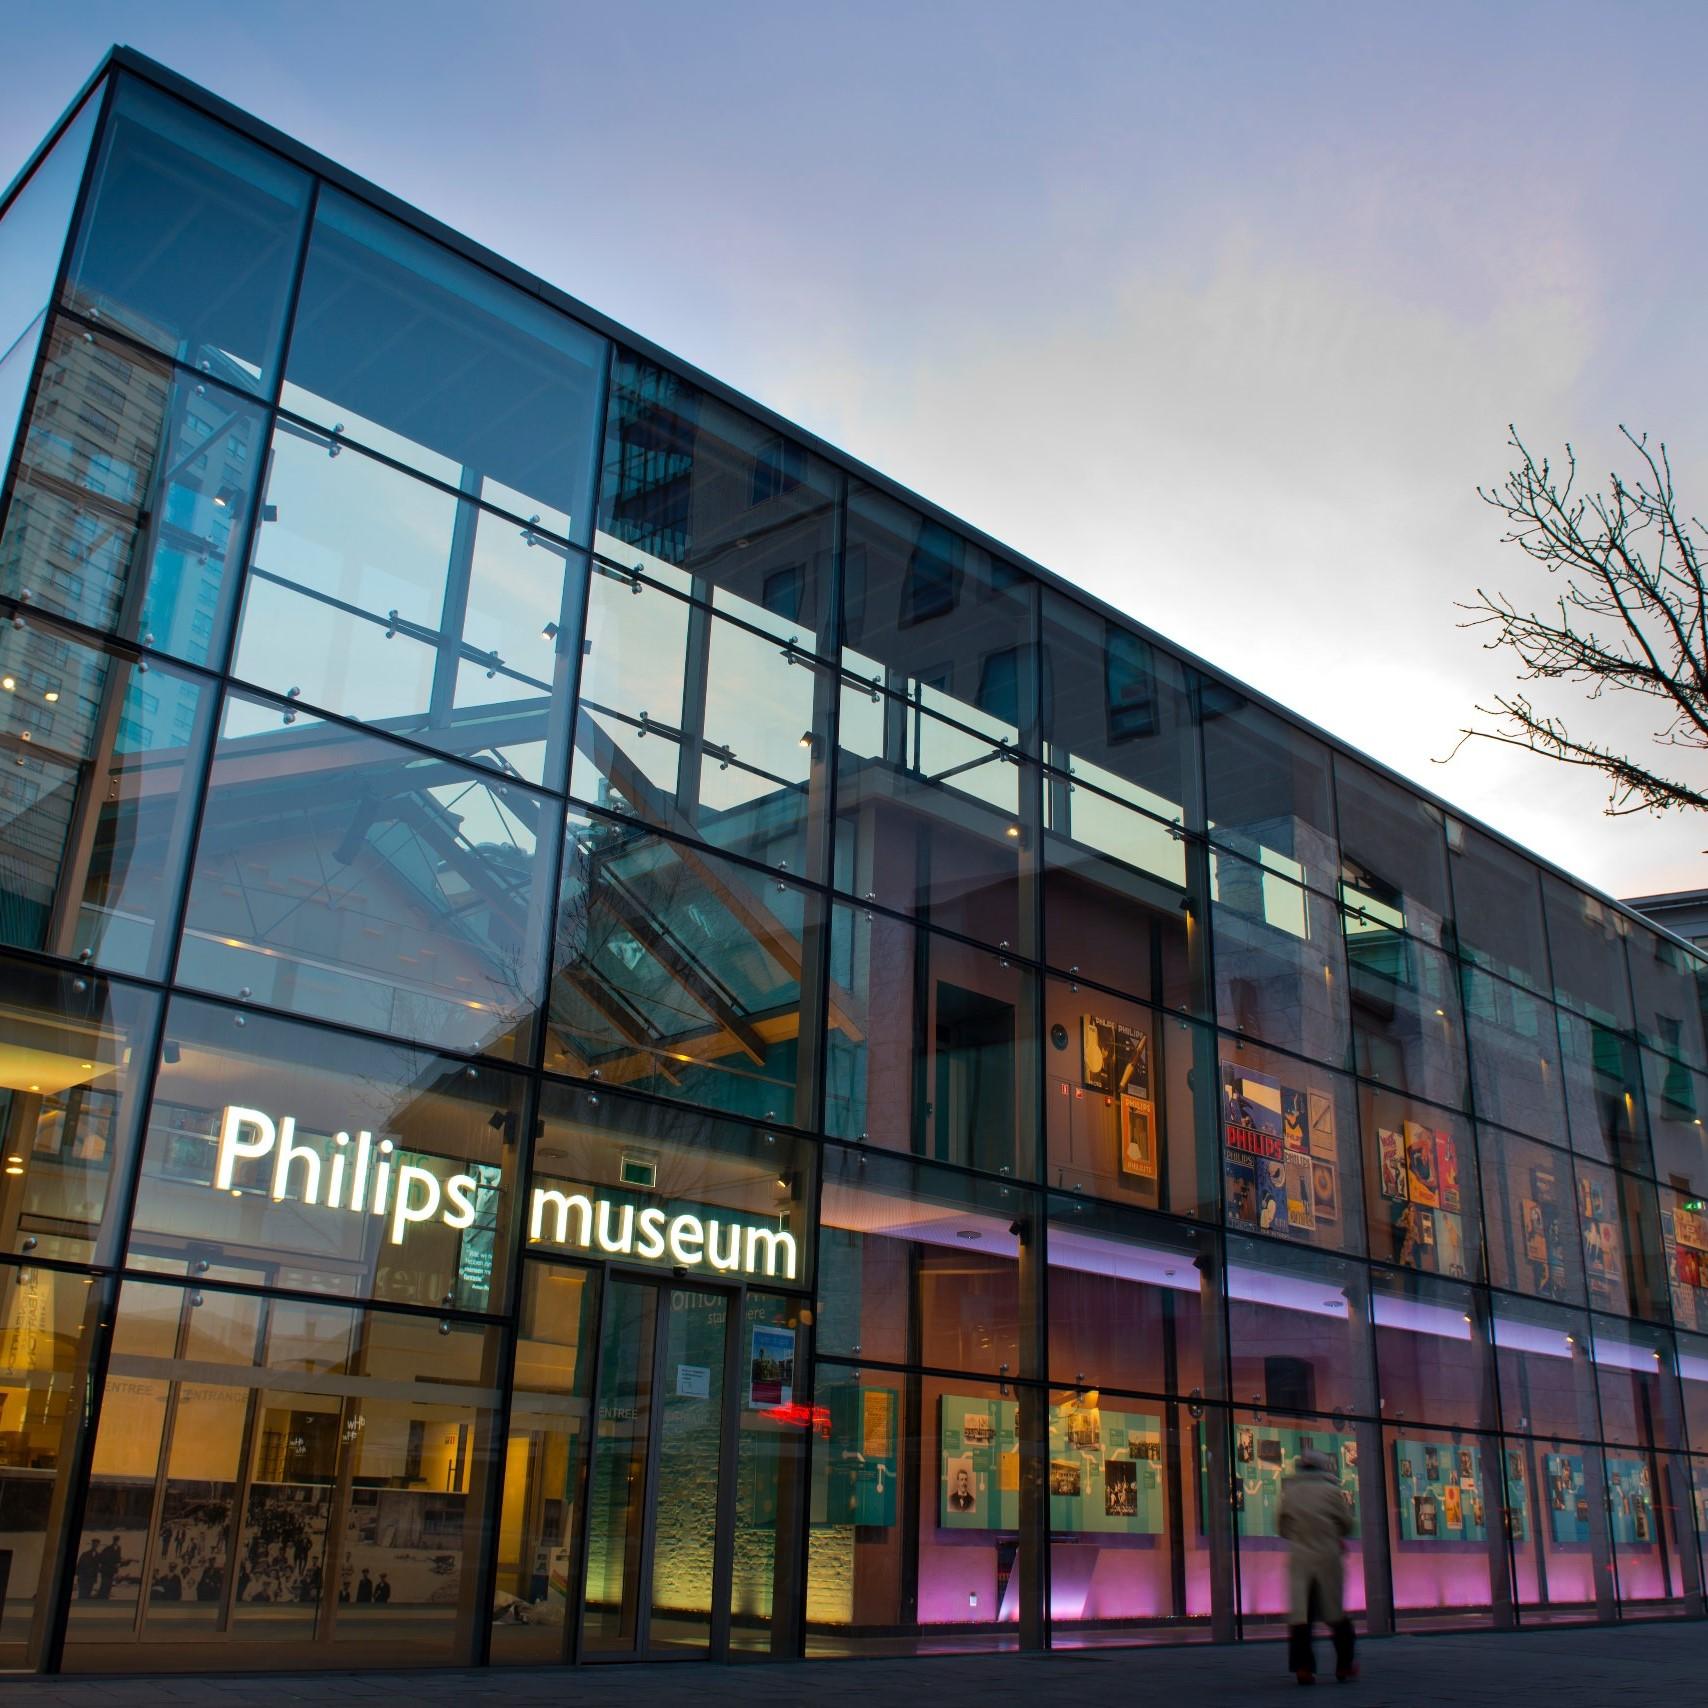 Kunstbus 3: Van Abbemuseum en Philips museum (Eindhoven)